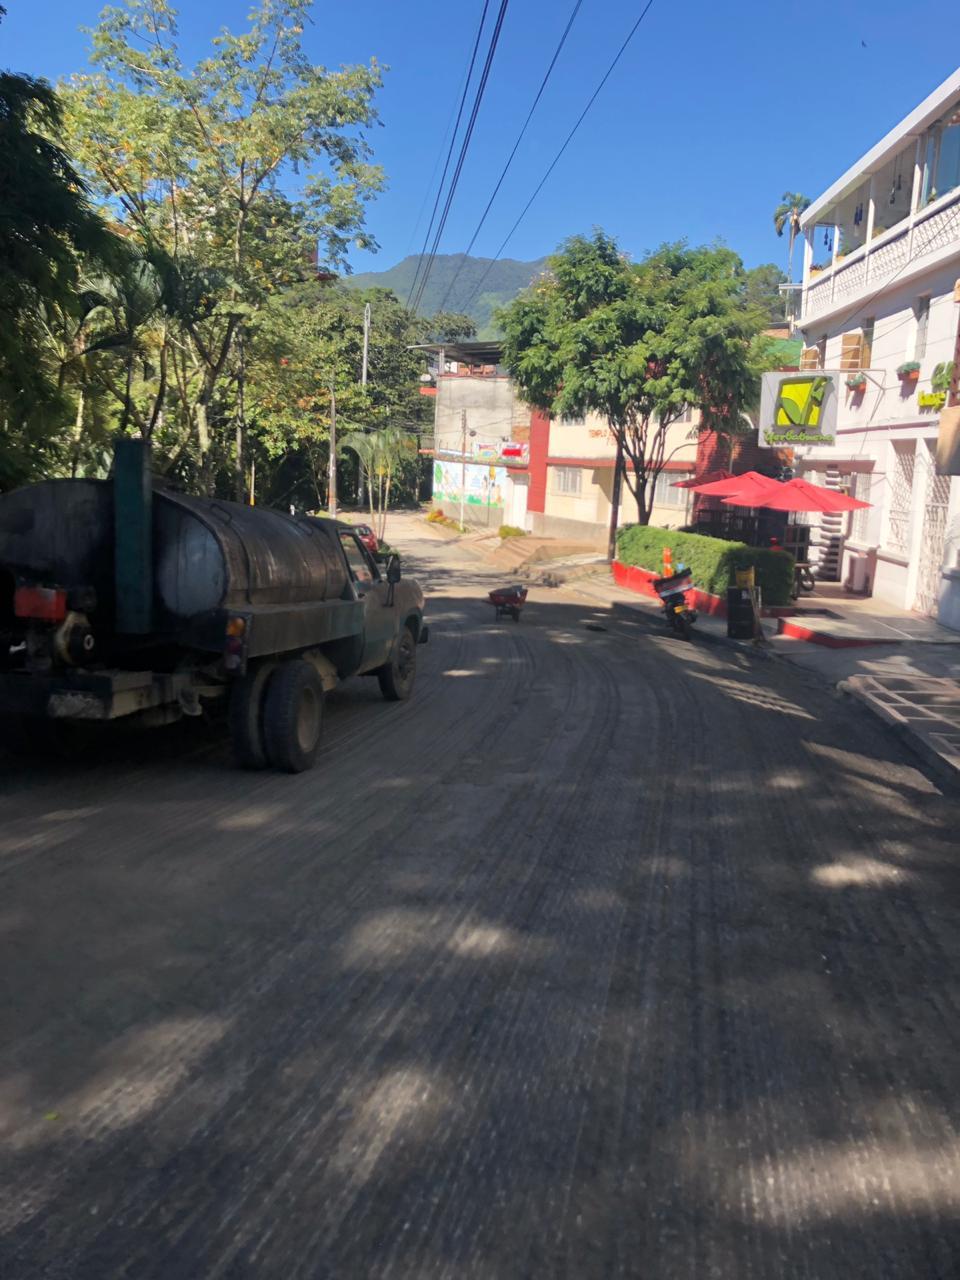 Continúan labores de rehabilitación vial en la calle 10 y en el Centenario